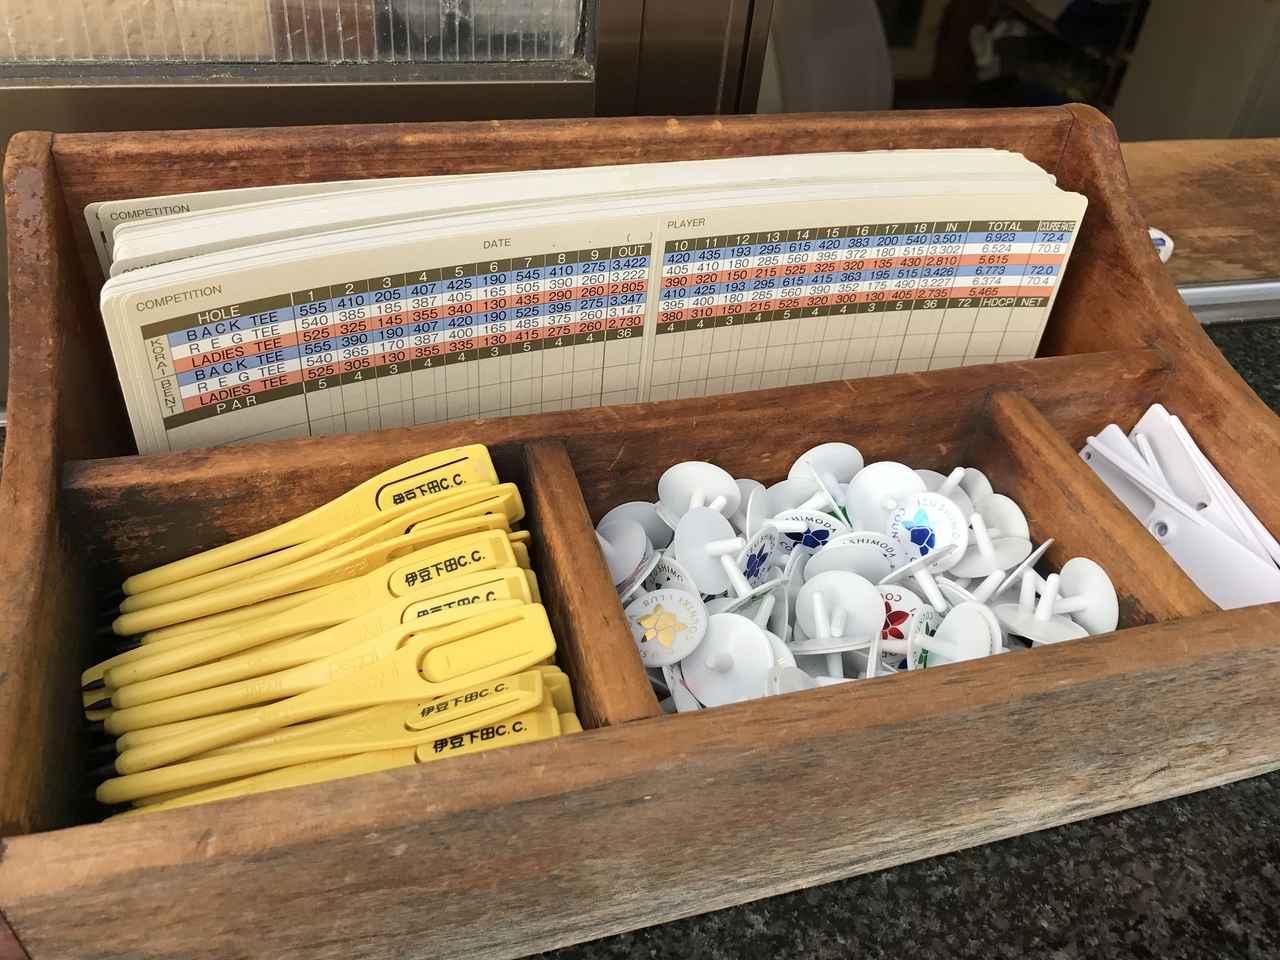 画像: スコアカード、ベグシル、マーカー、グリーンフォークなどが置いてある